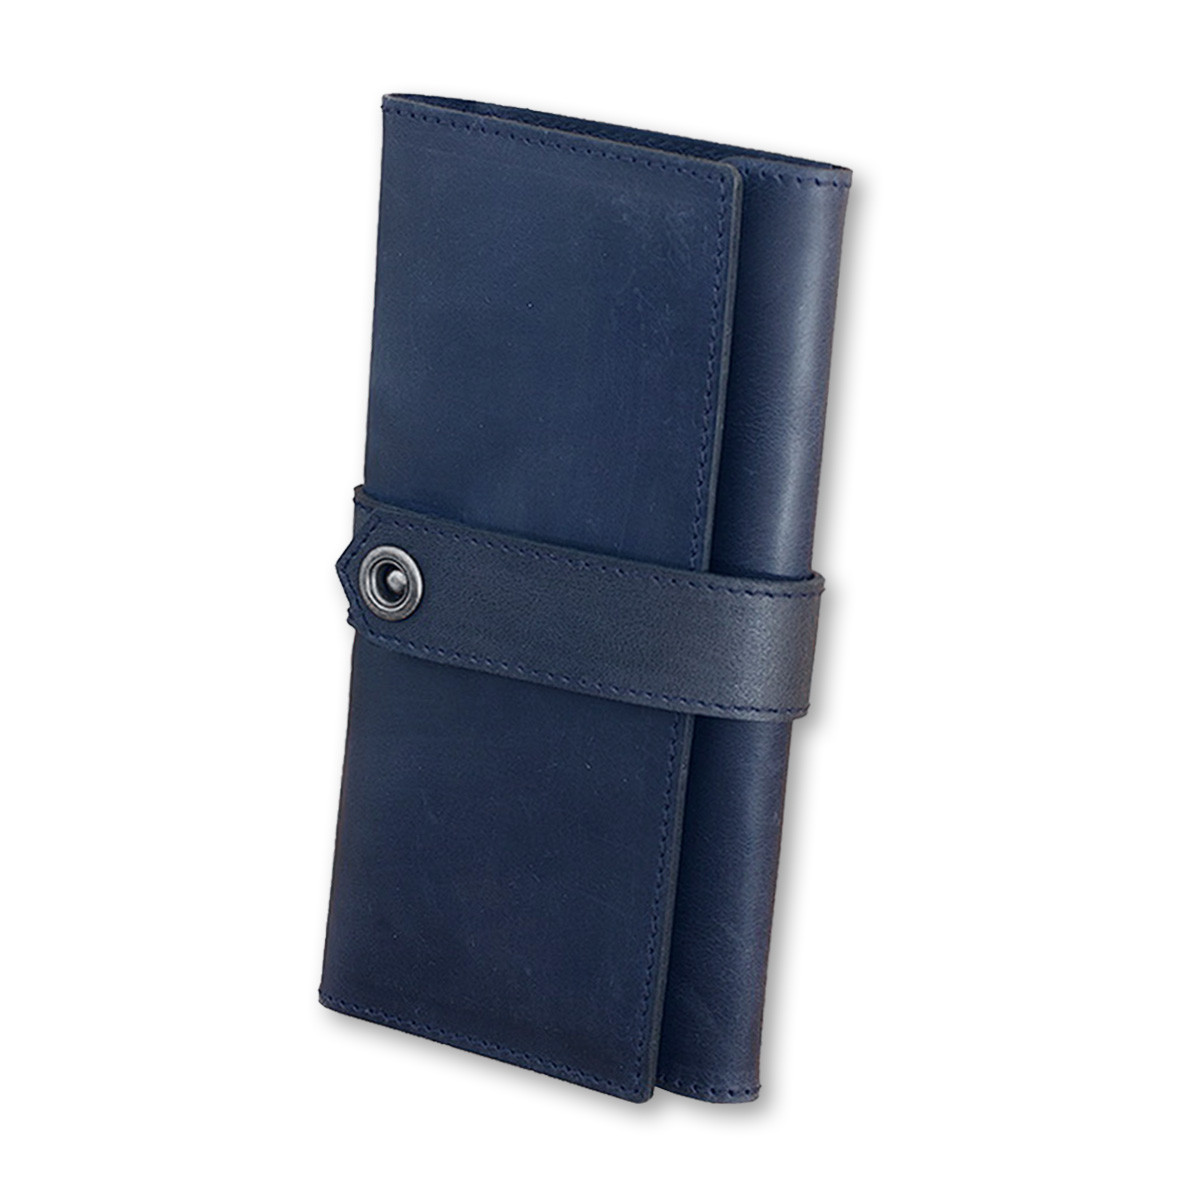 Кошелек-клатч кожаный мужской синий (ручная работа)